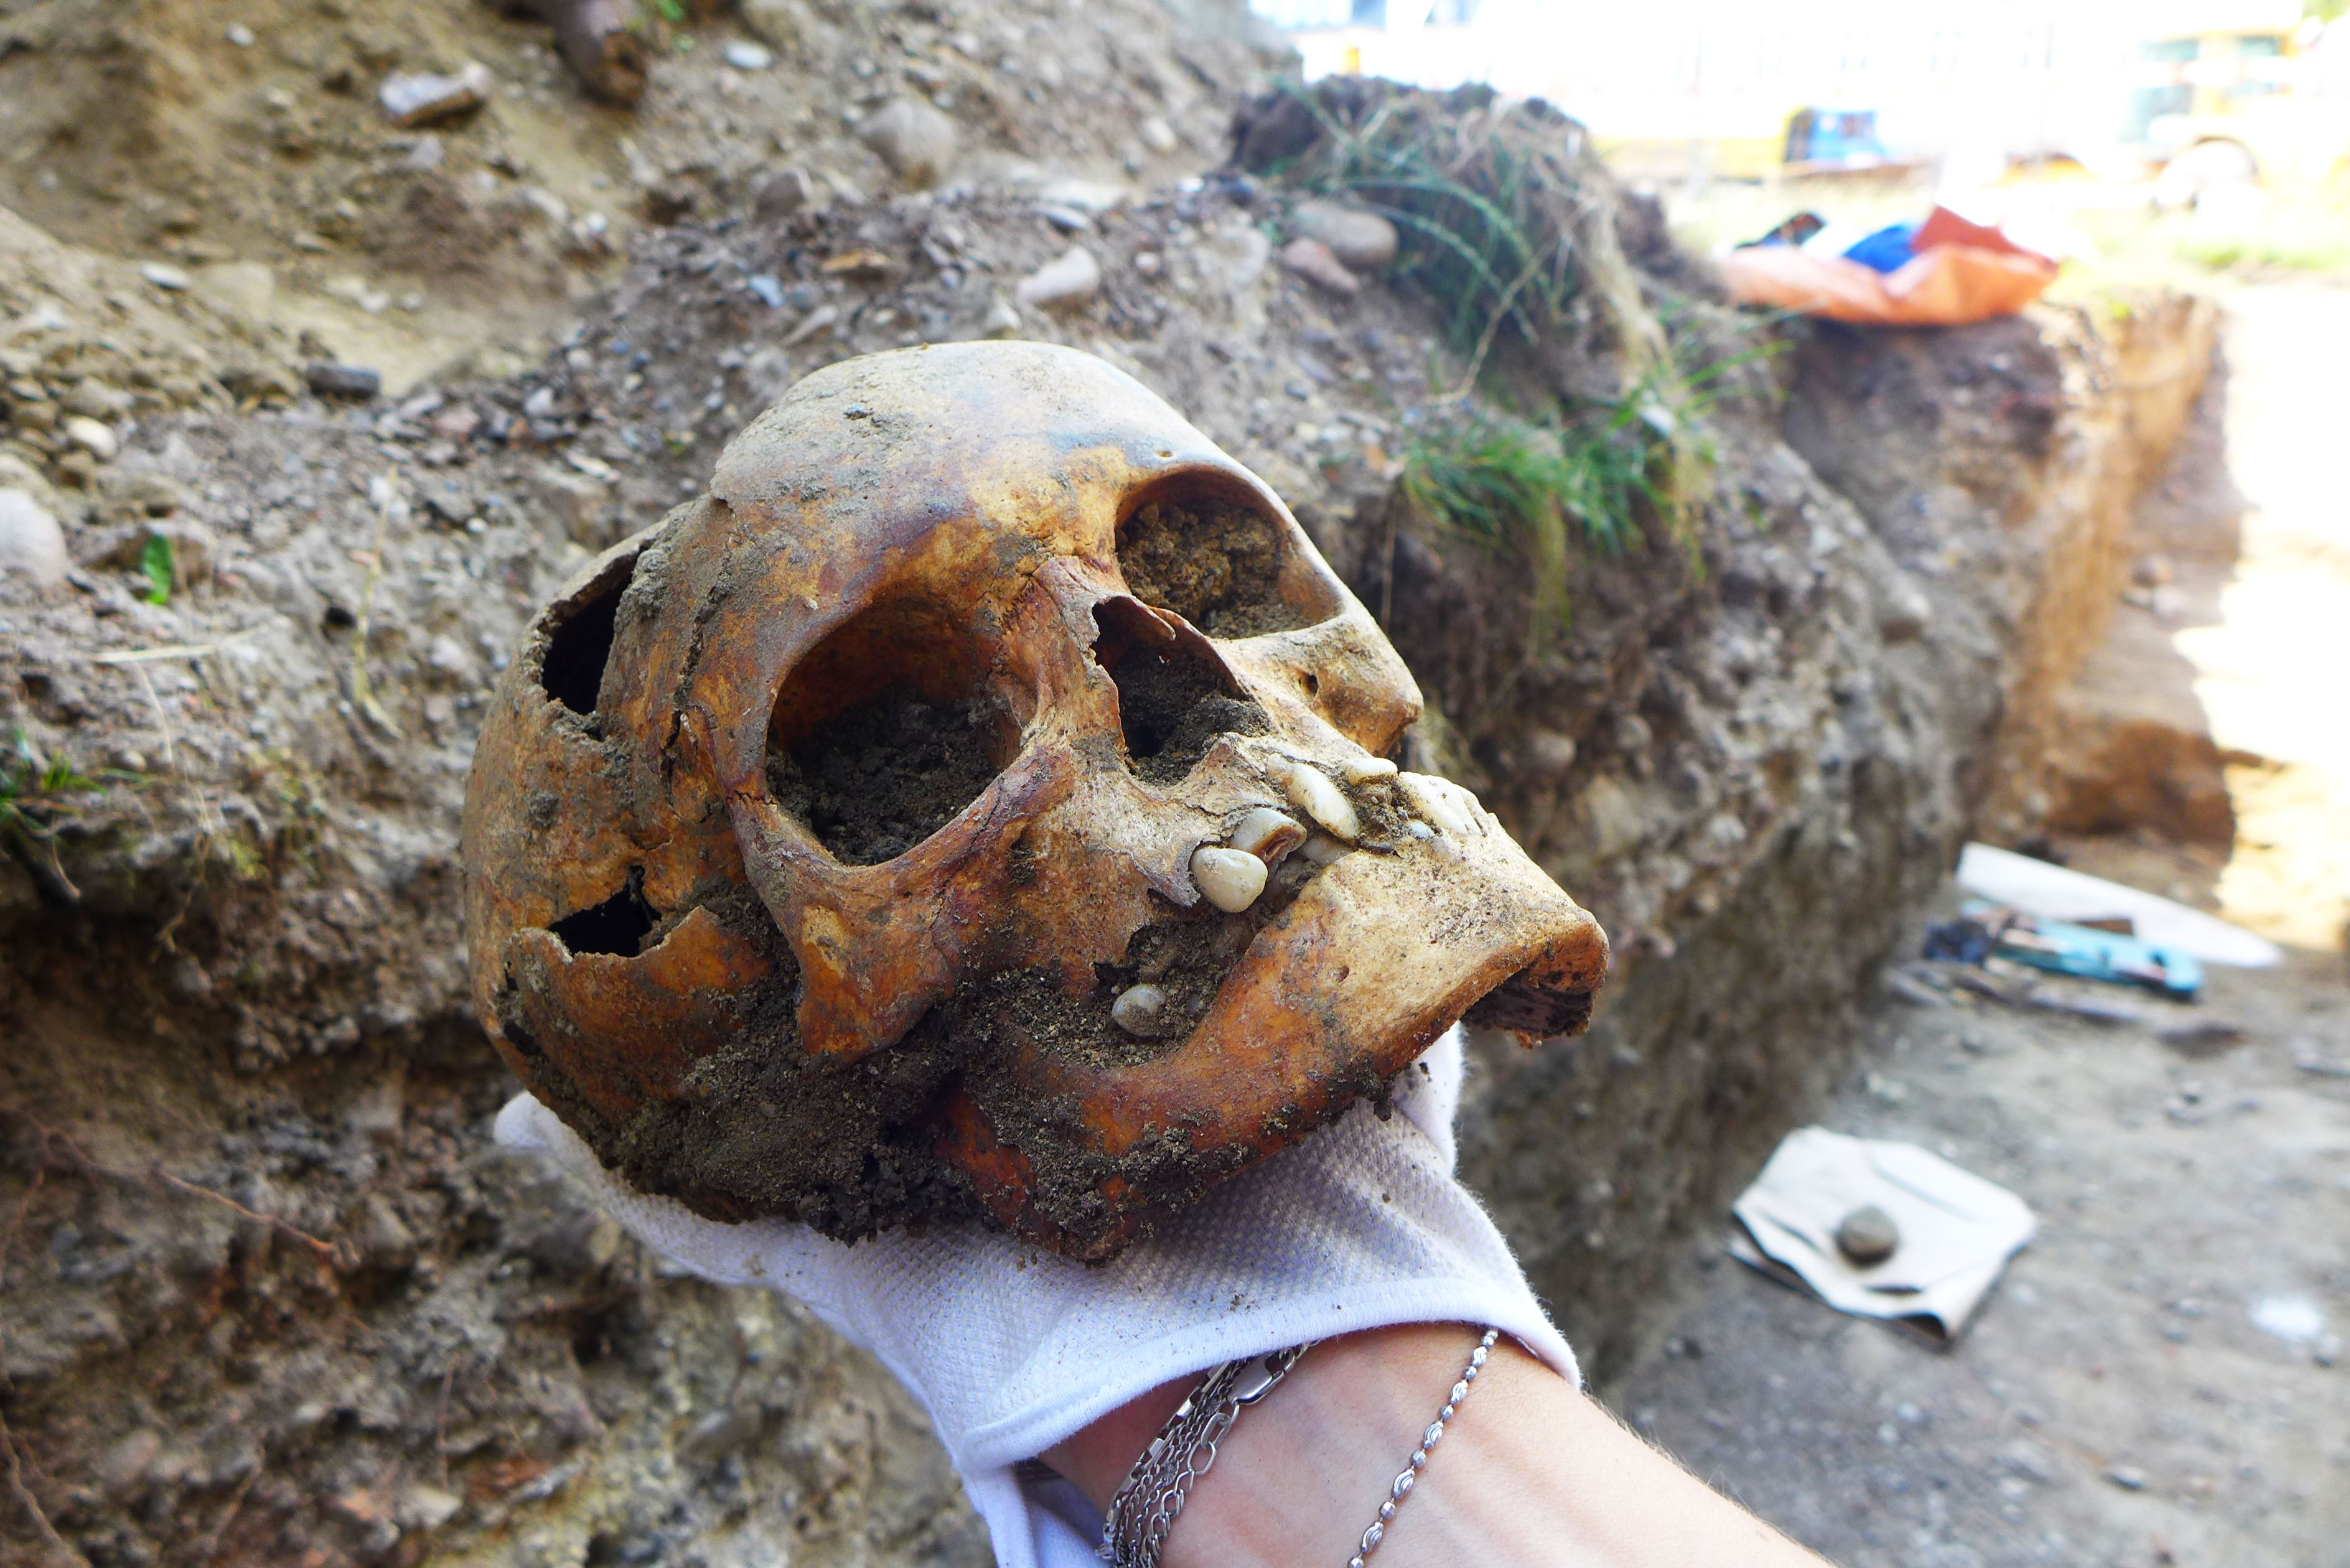 Kosterní antropologie čte v lidských kostech jako v knize